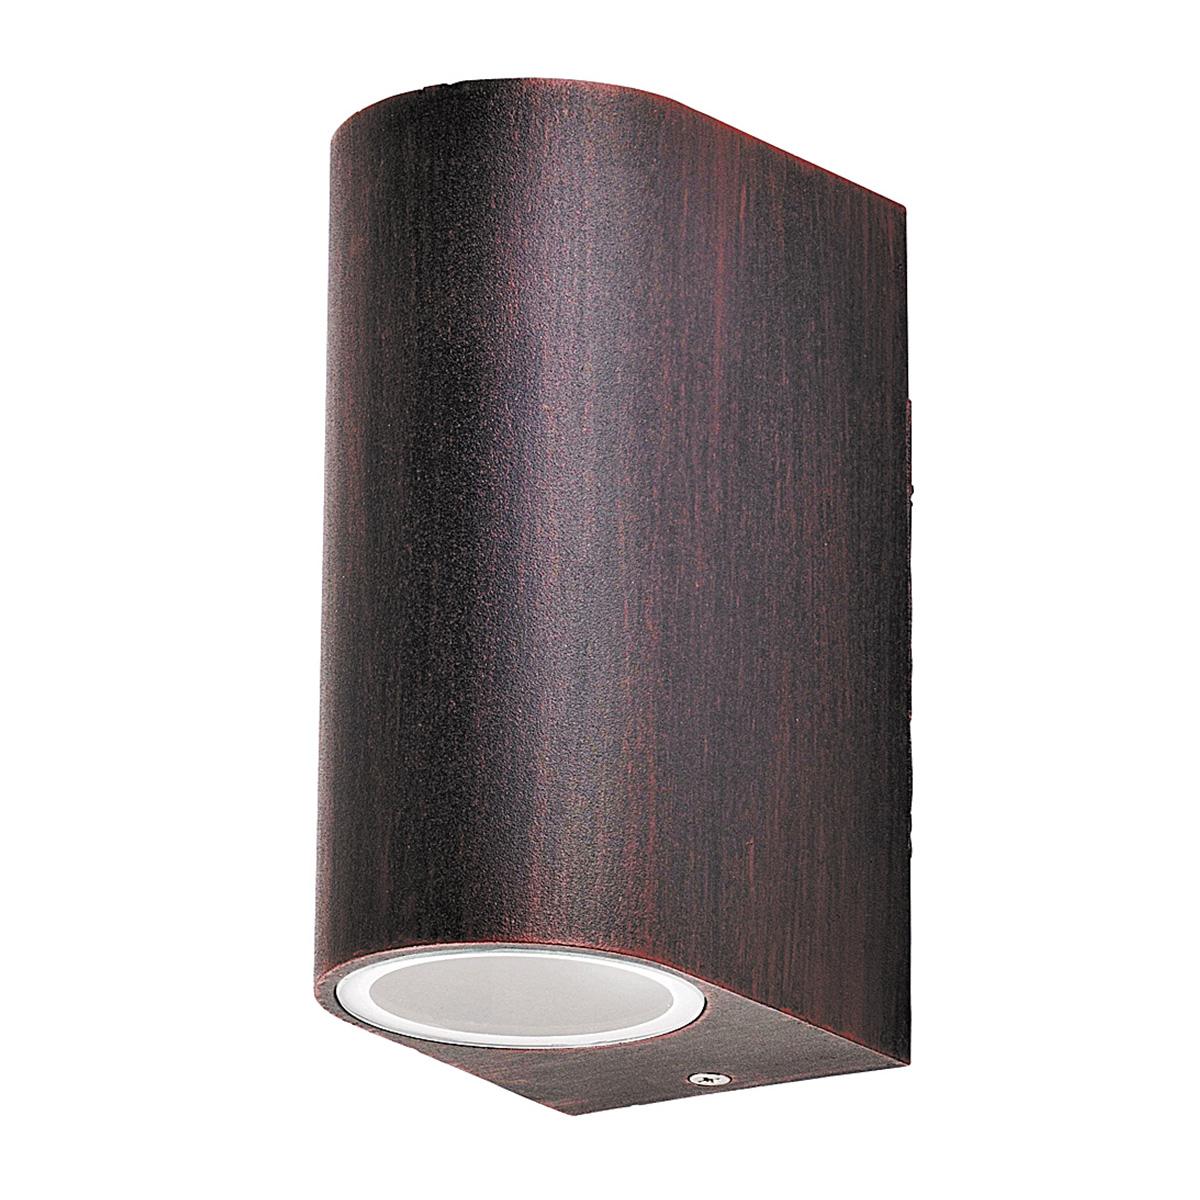 Zidna lampa Chile 8019 venge